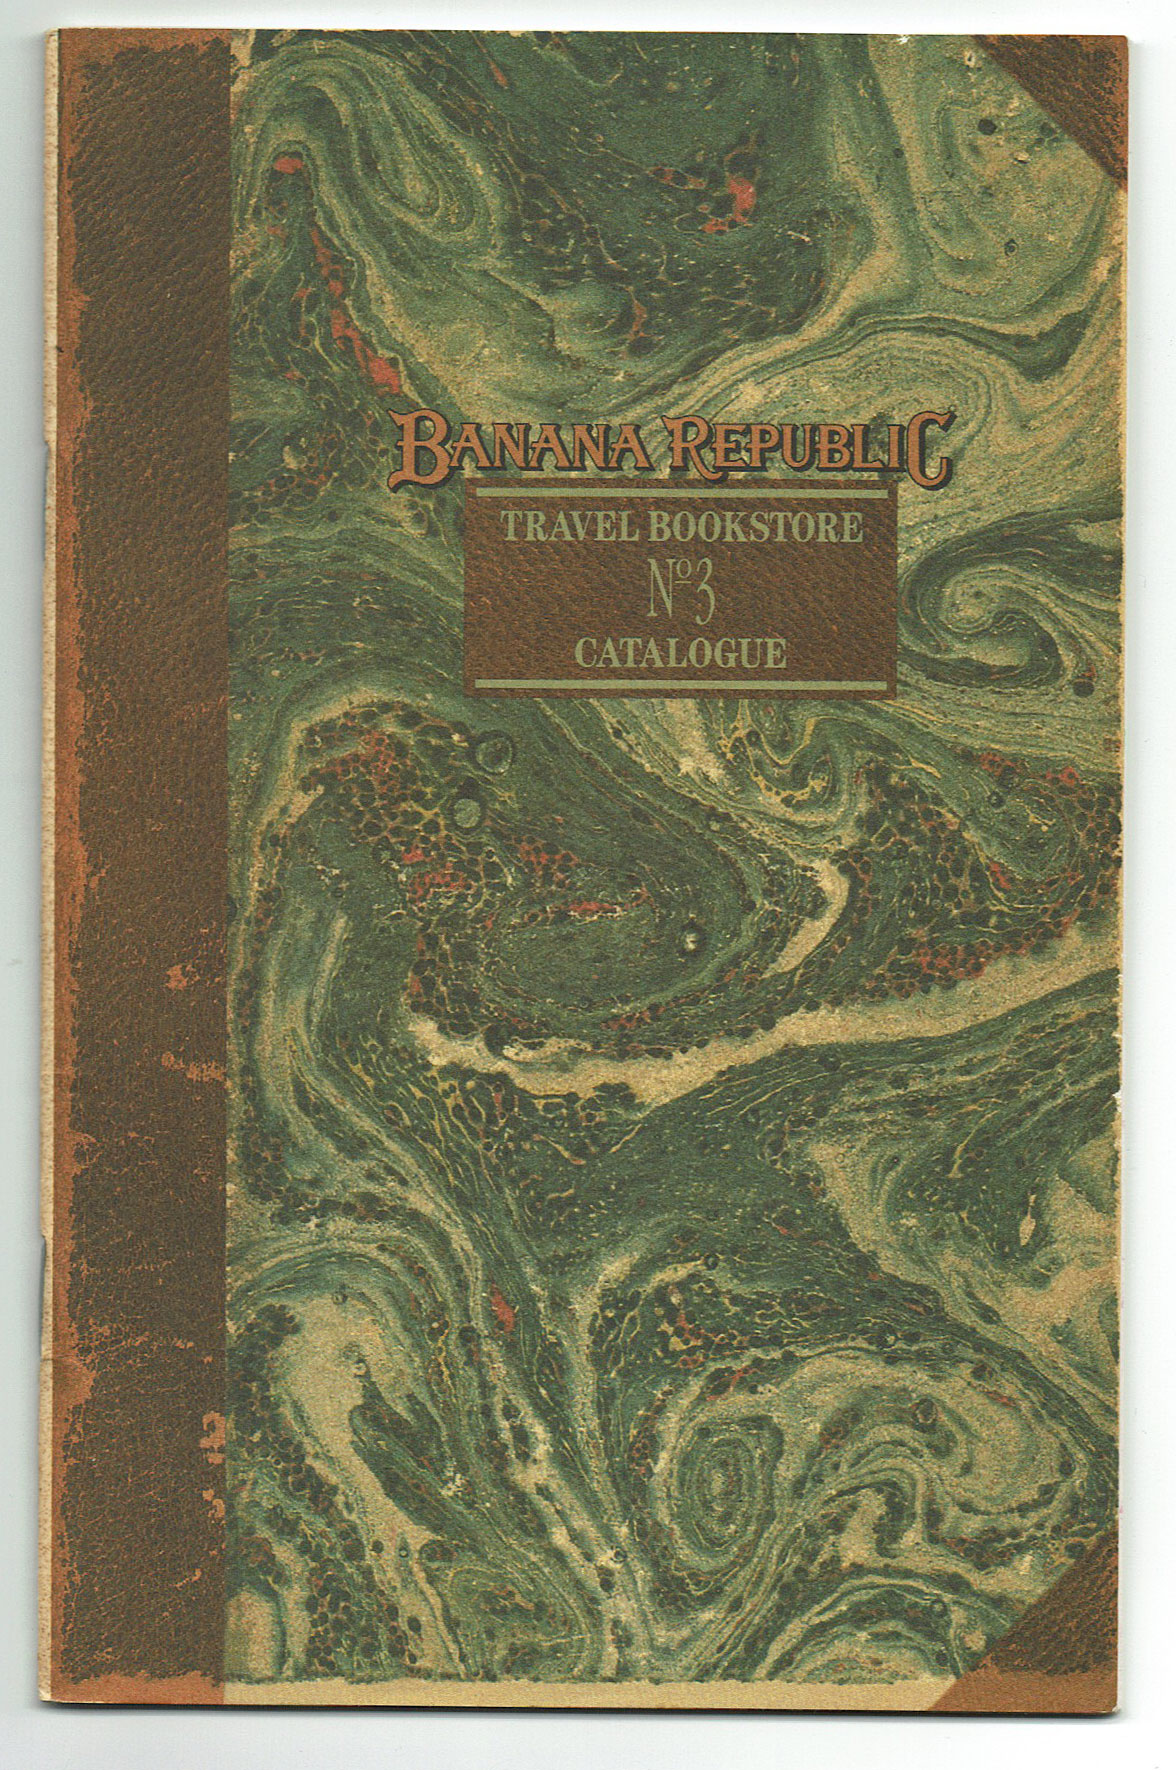 BookstoreCat03